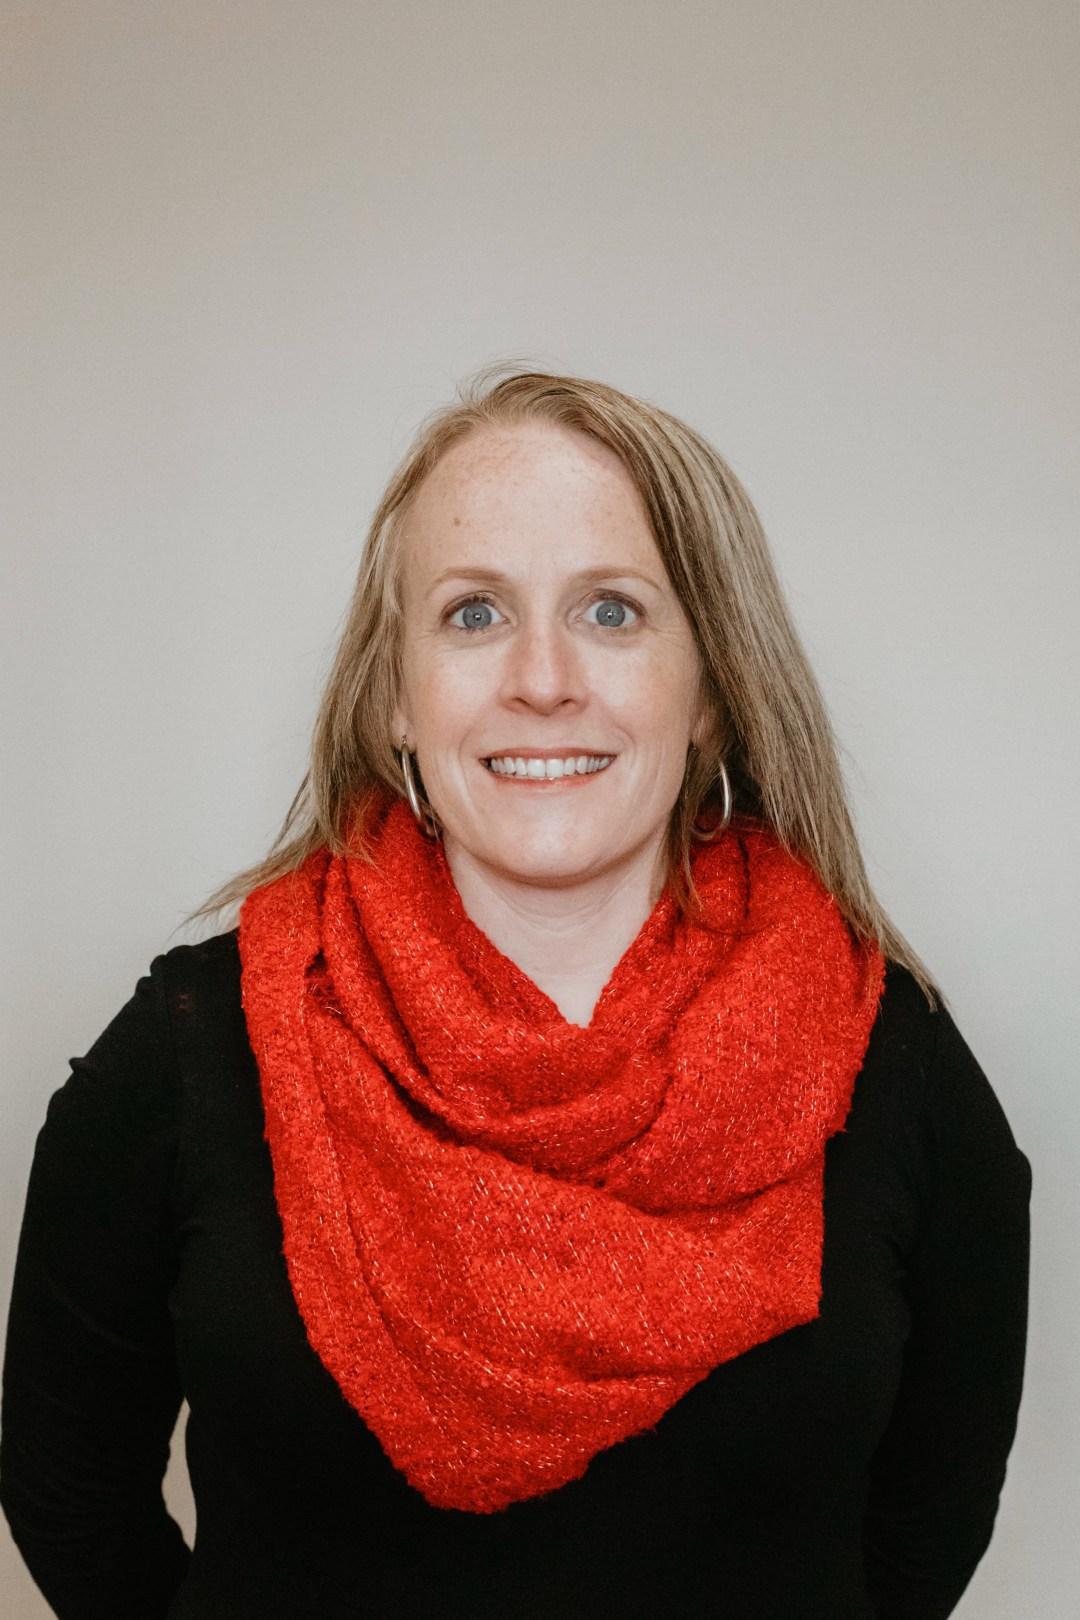 Tara Harris, CCC- SLP